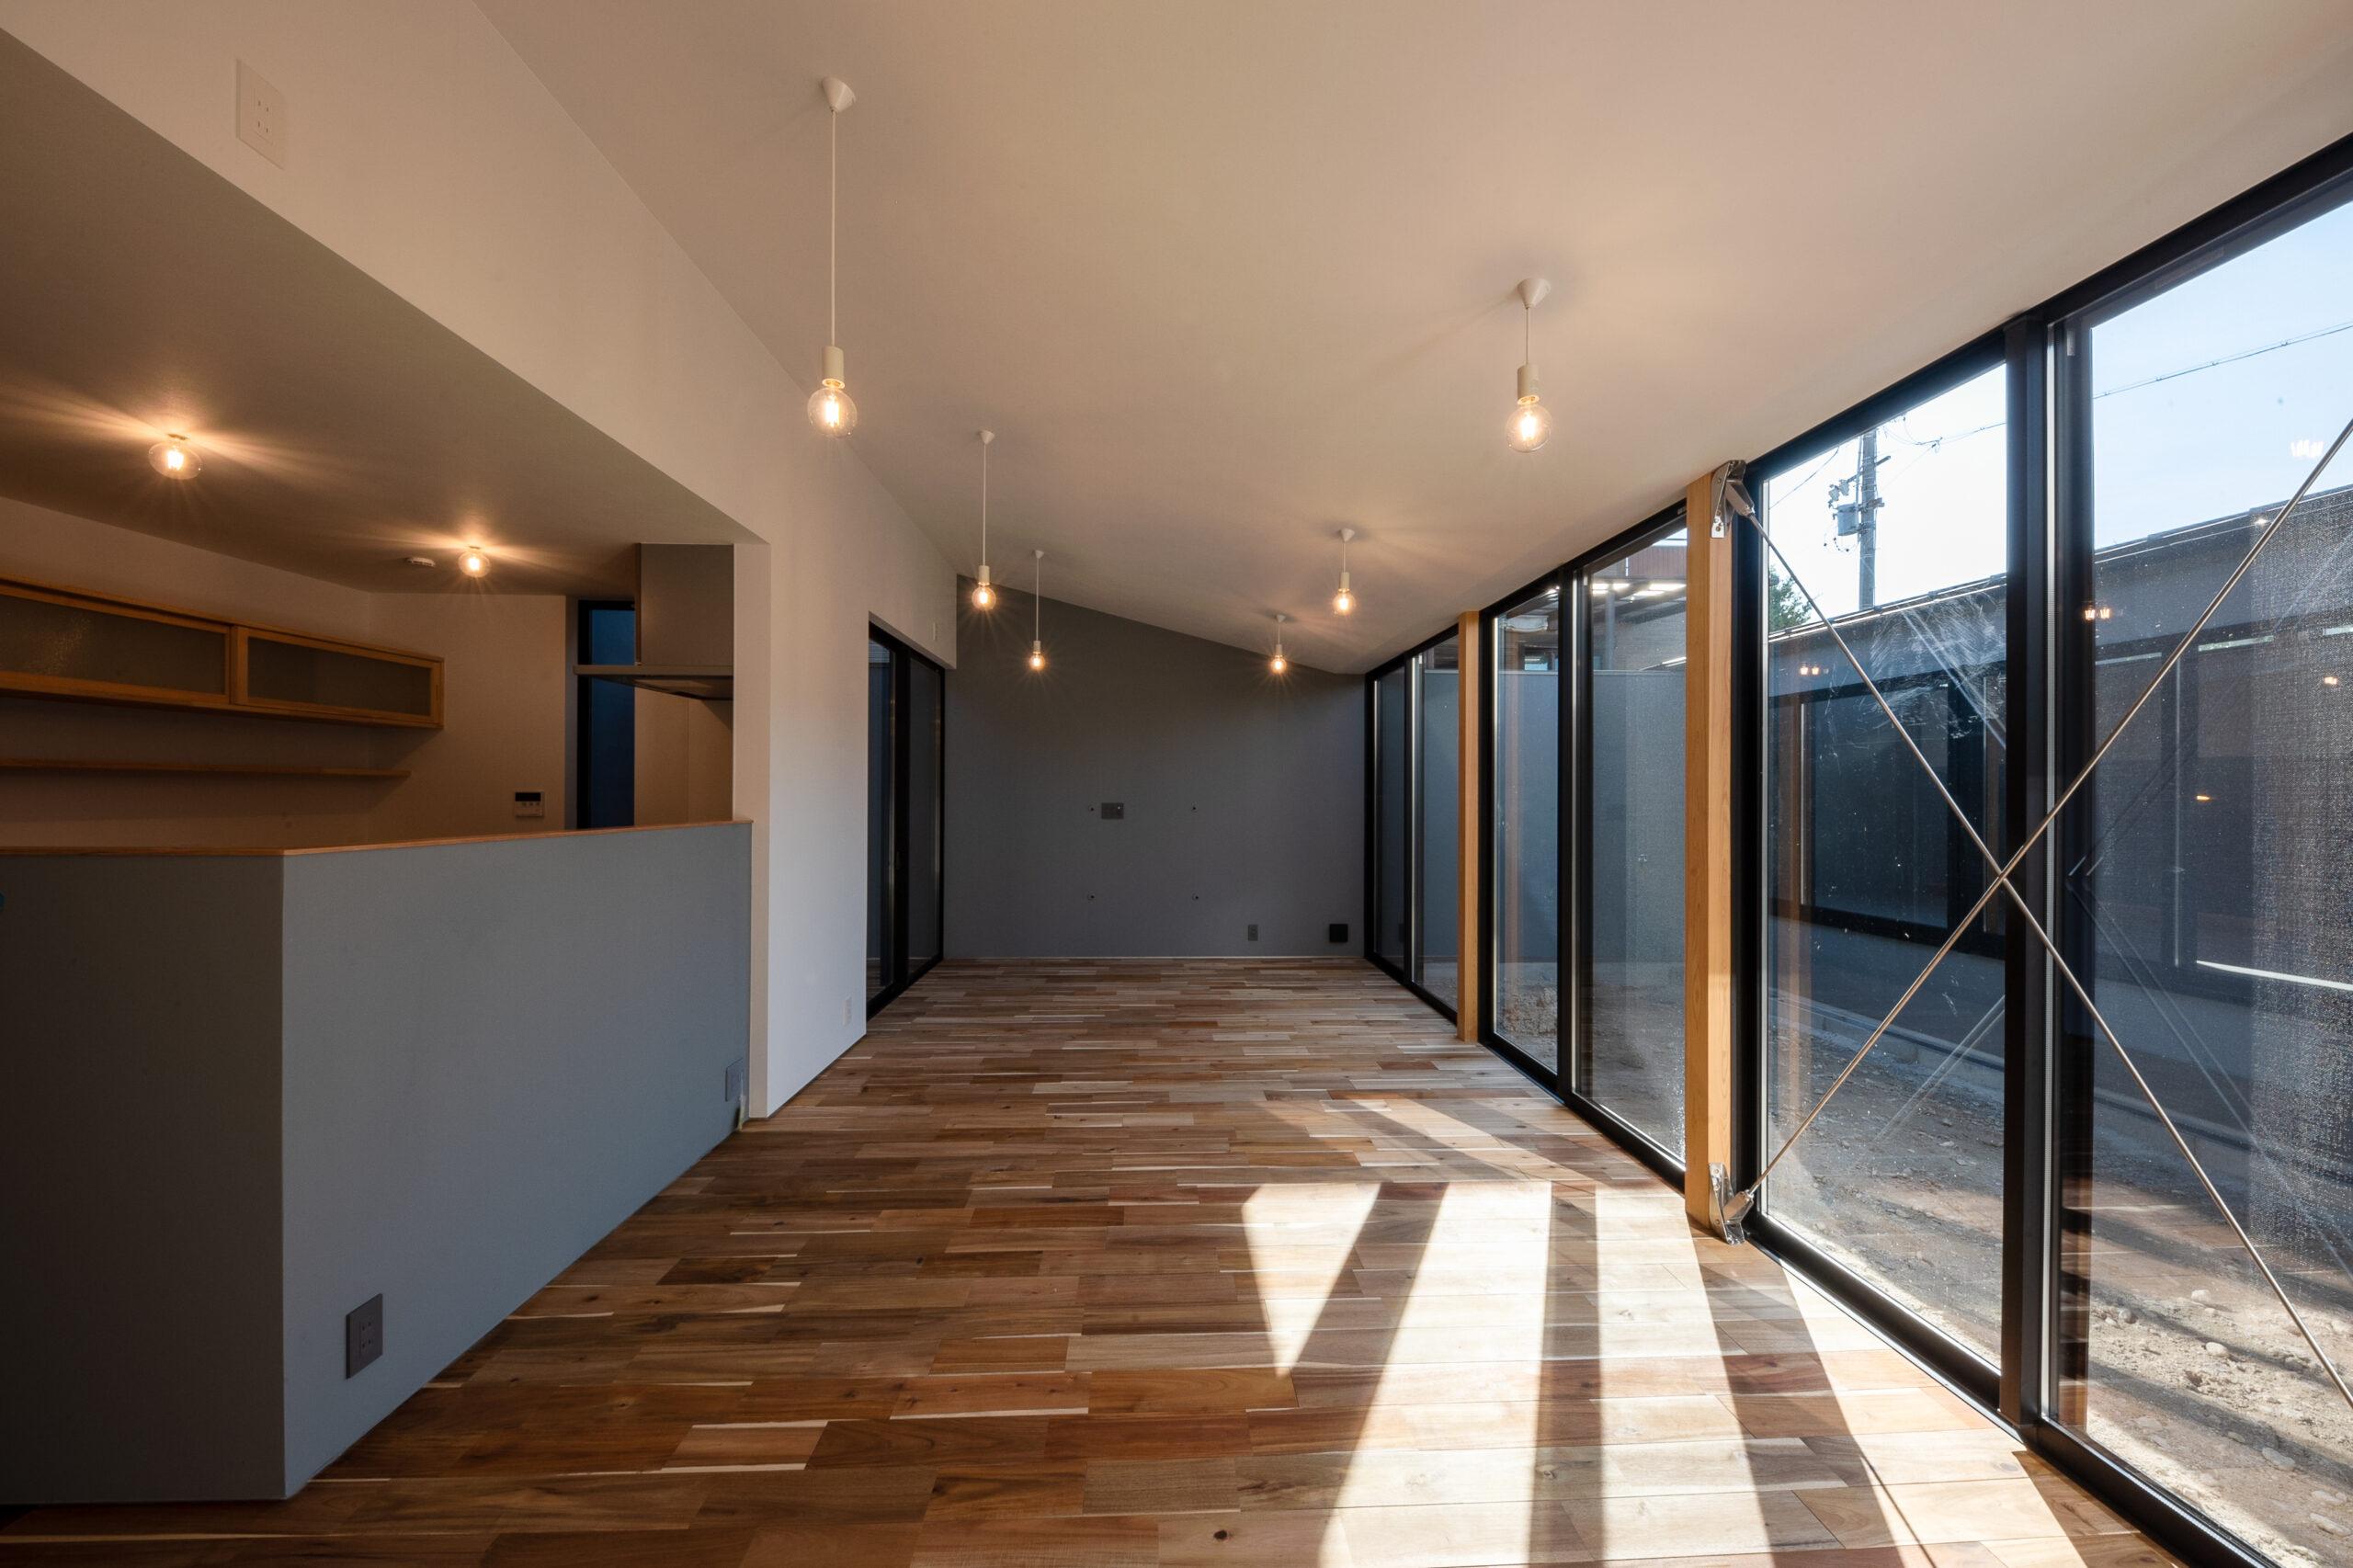 軒と縁側がつなぐ家13|犬山市の施工事例|建築家×工務店の注文住宅